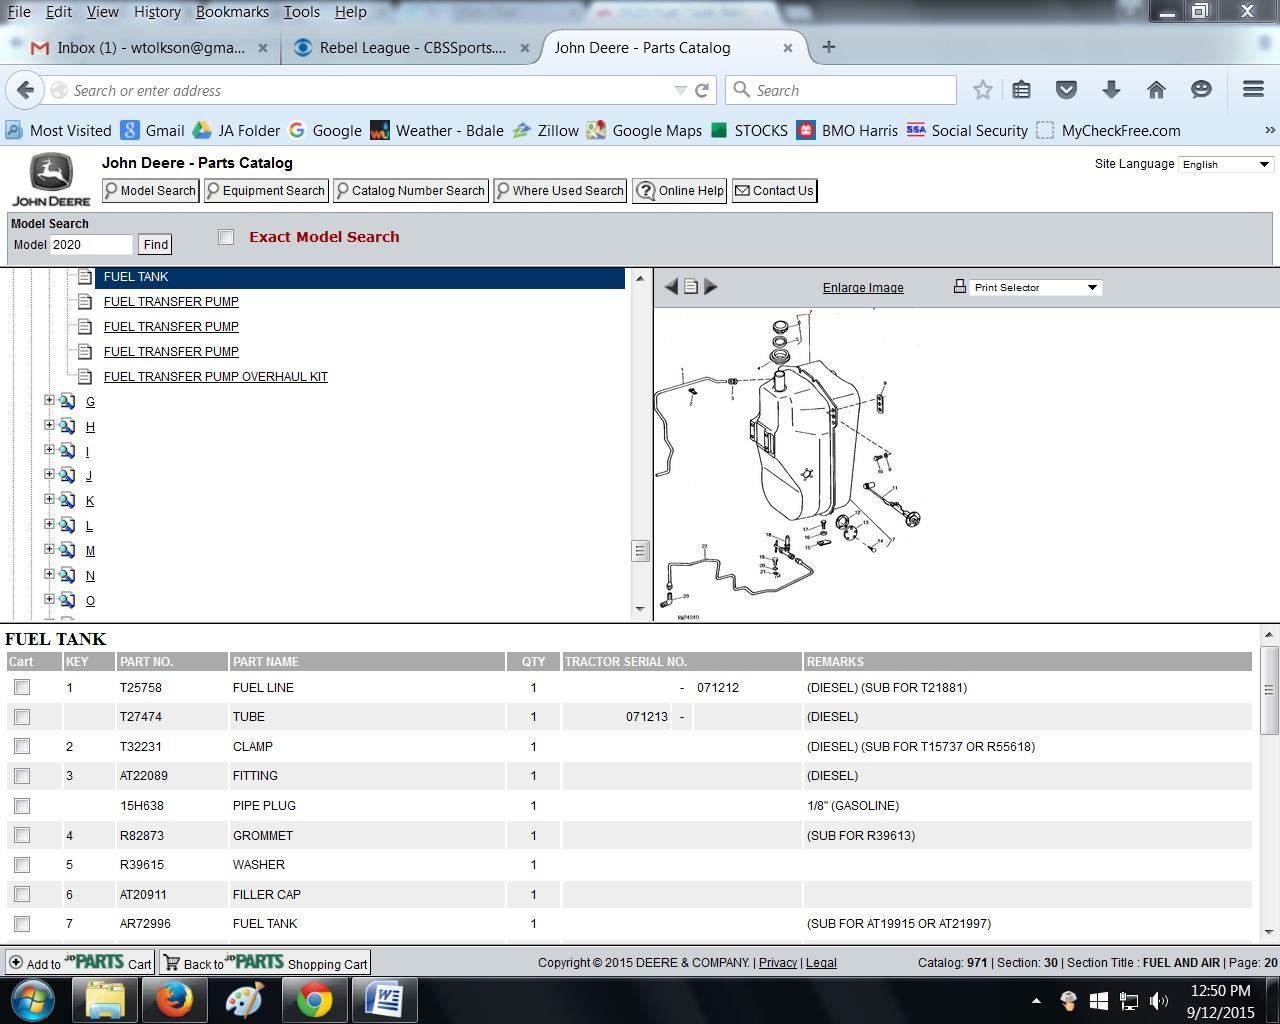 2b082517-2e16-443a-bfb7-f81ac620afbf_jd fuel tank.jpg